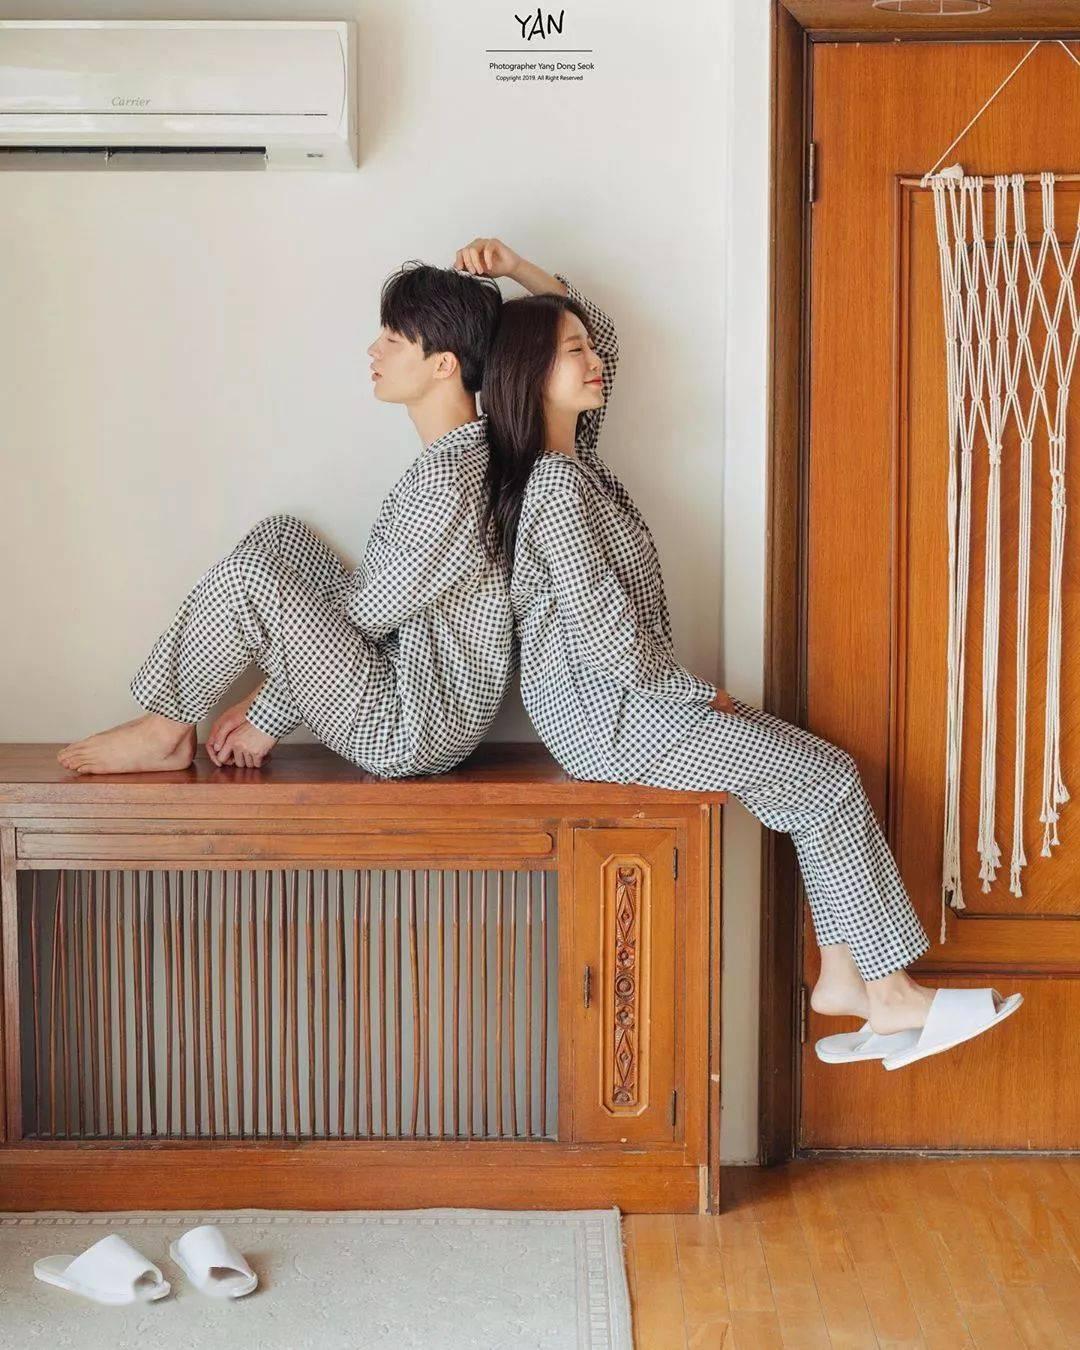 情侣照 pose 大全!前方高甜甜甜!插图(32)